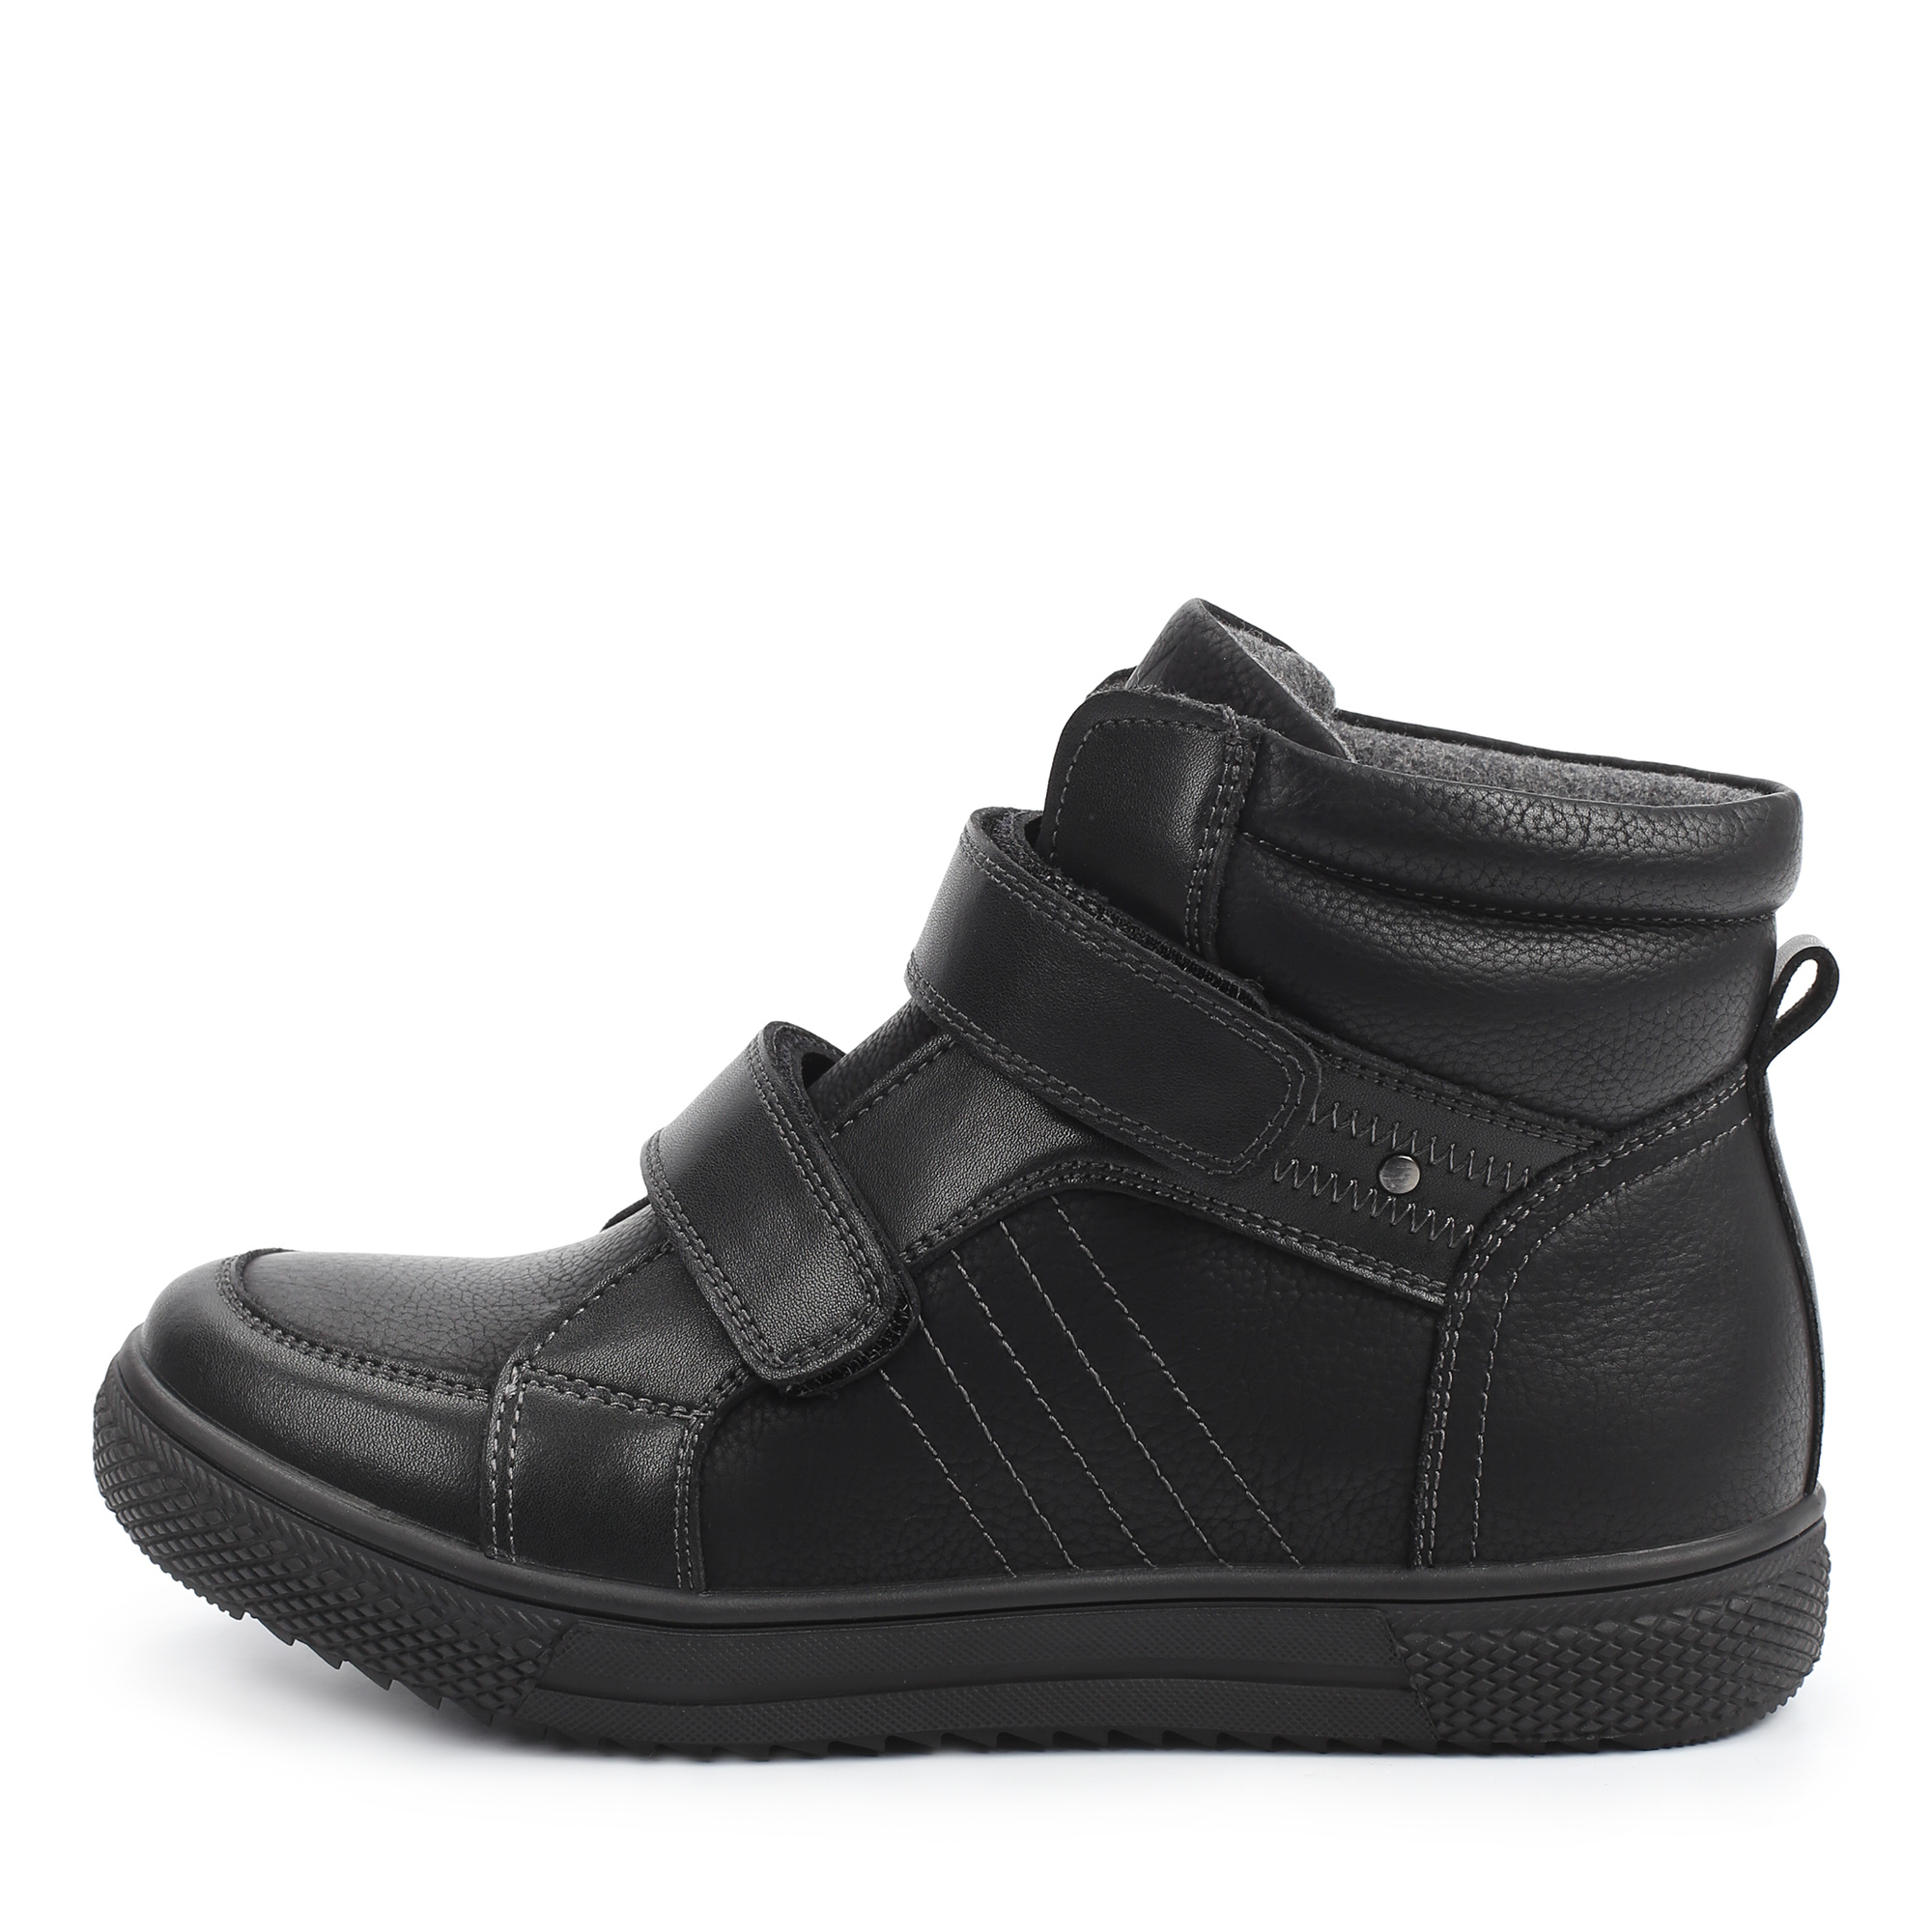 Обувь для мальчиков MUNZ YOUNG 098-405A-74602